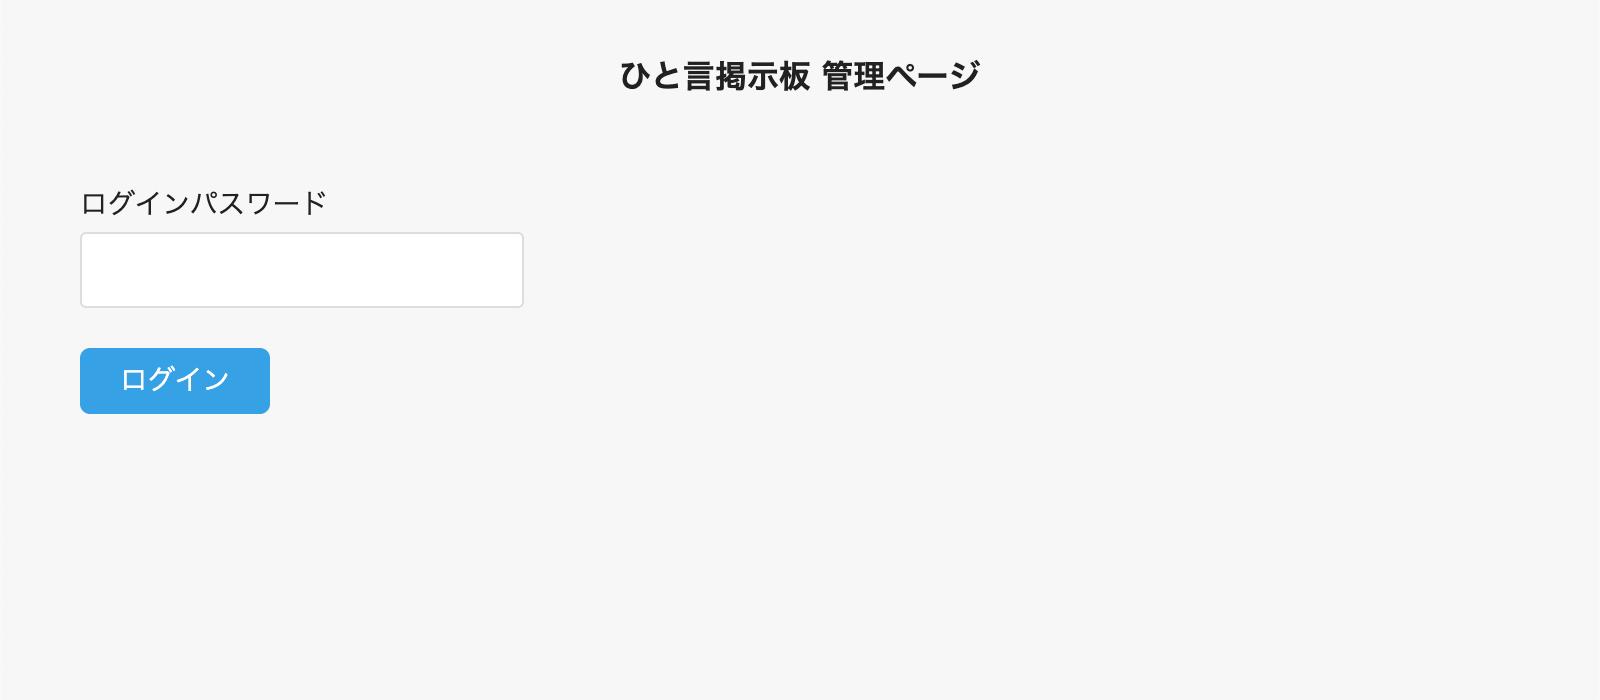 作成するログインページ